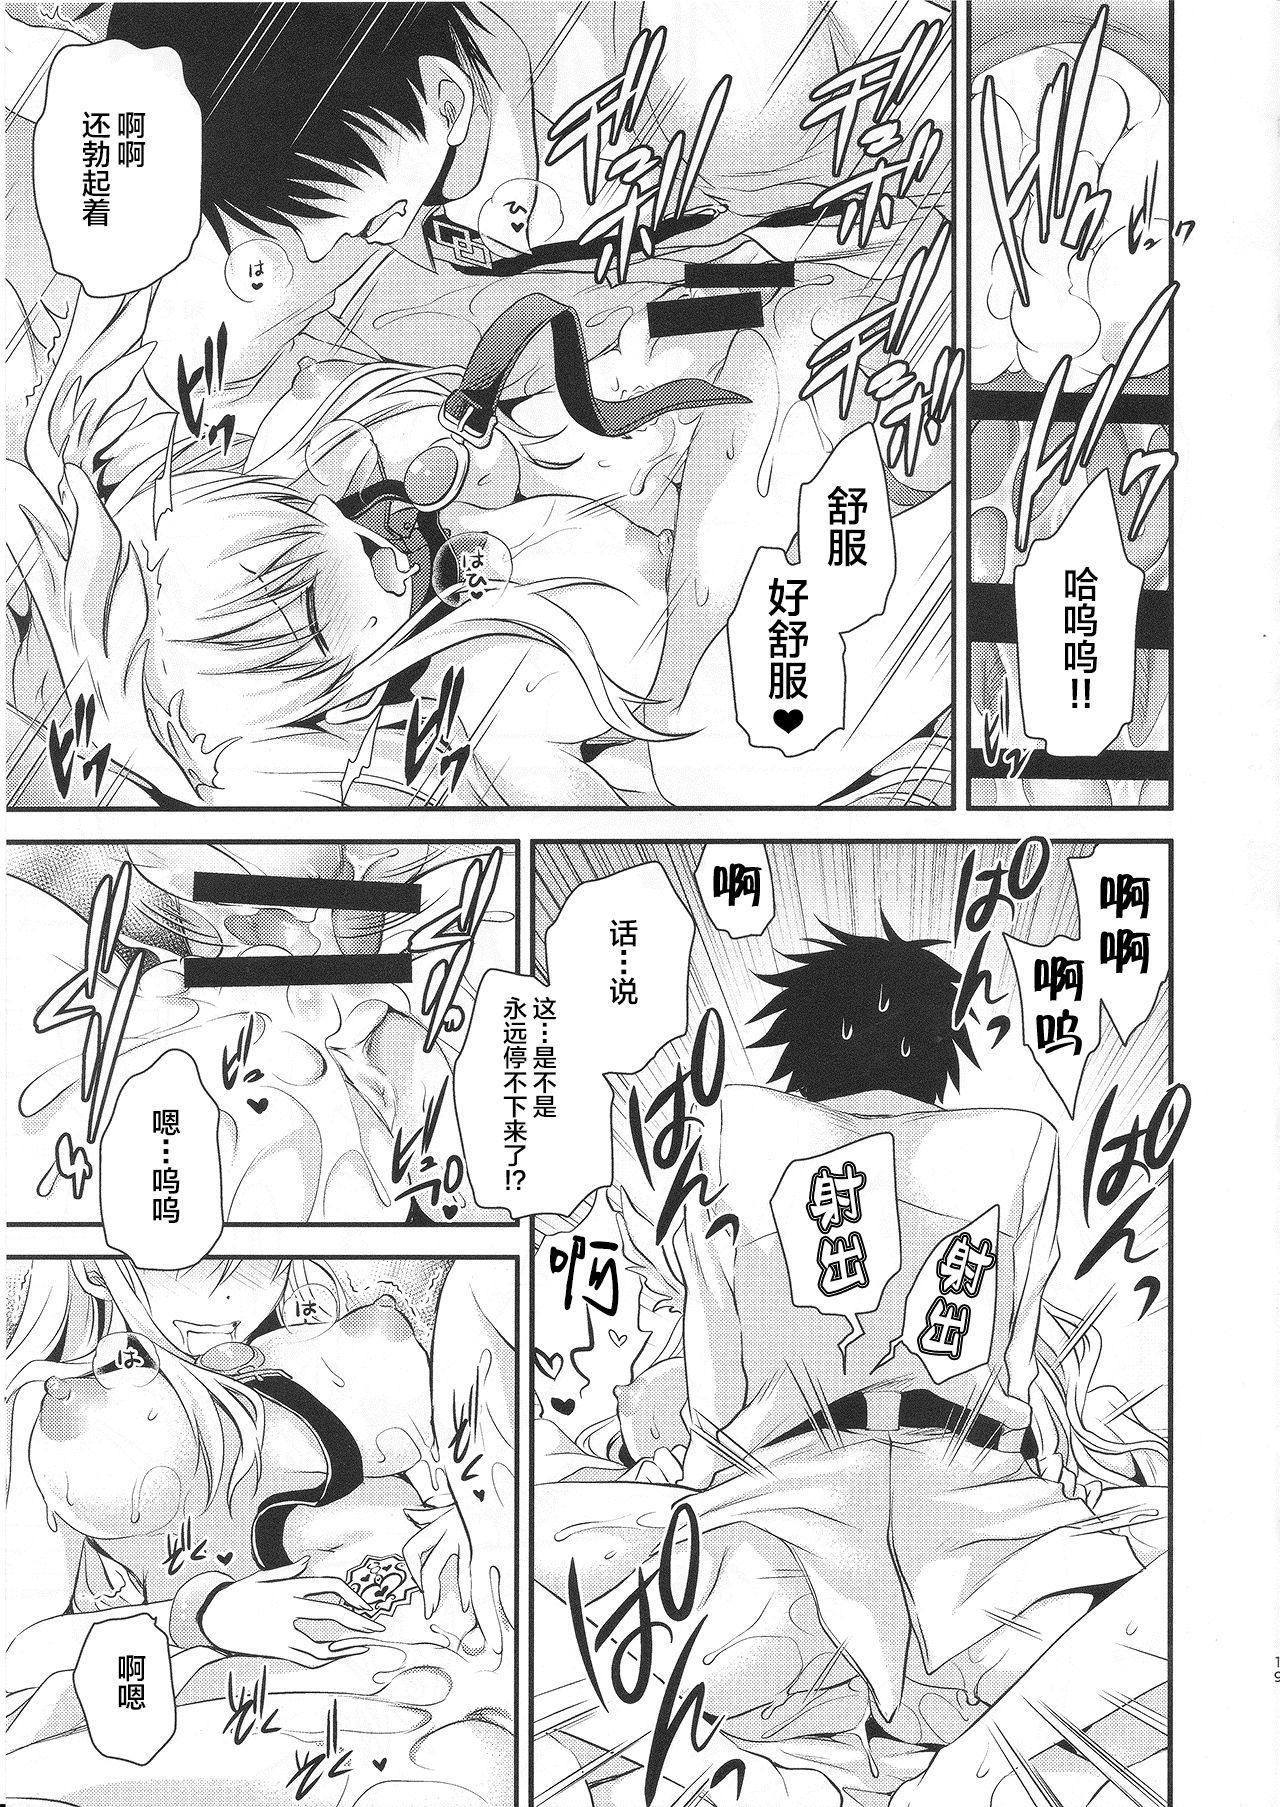 Uwasa no Are o Kokuin Shite Mimashita 19